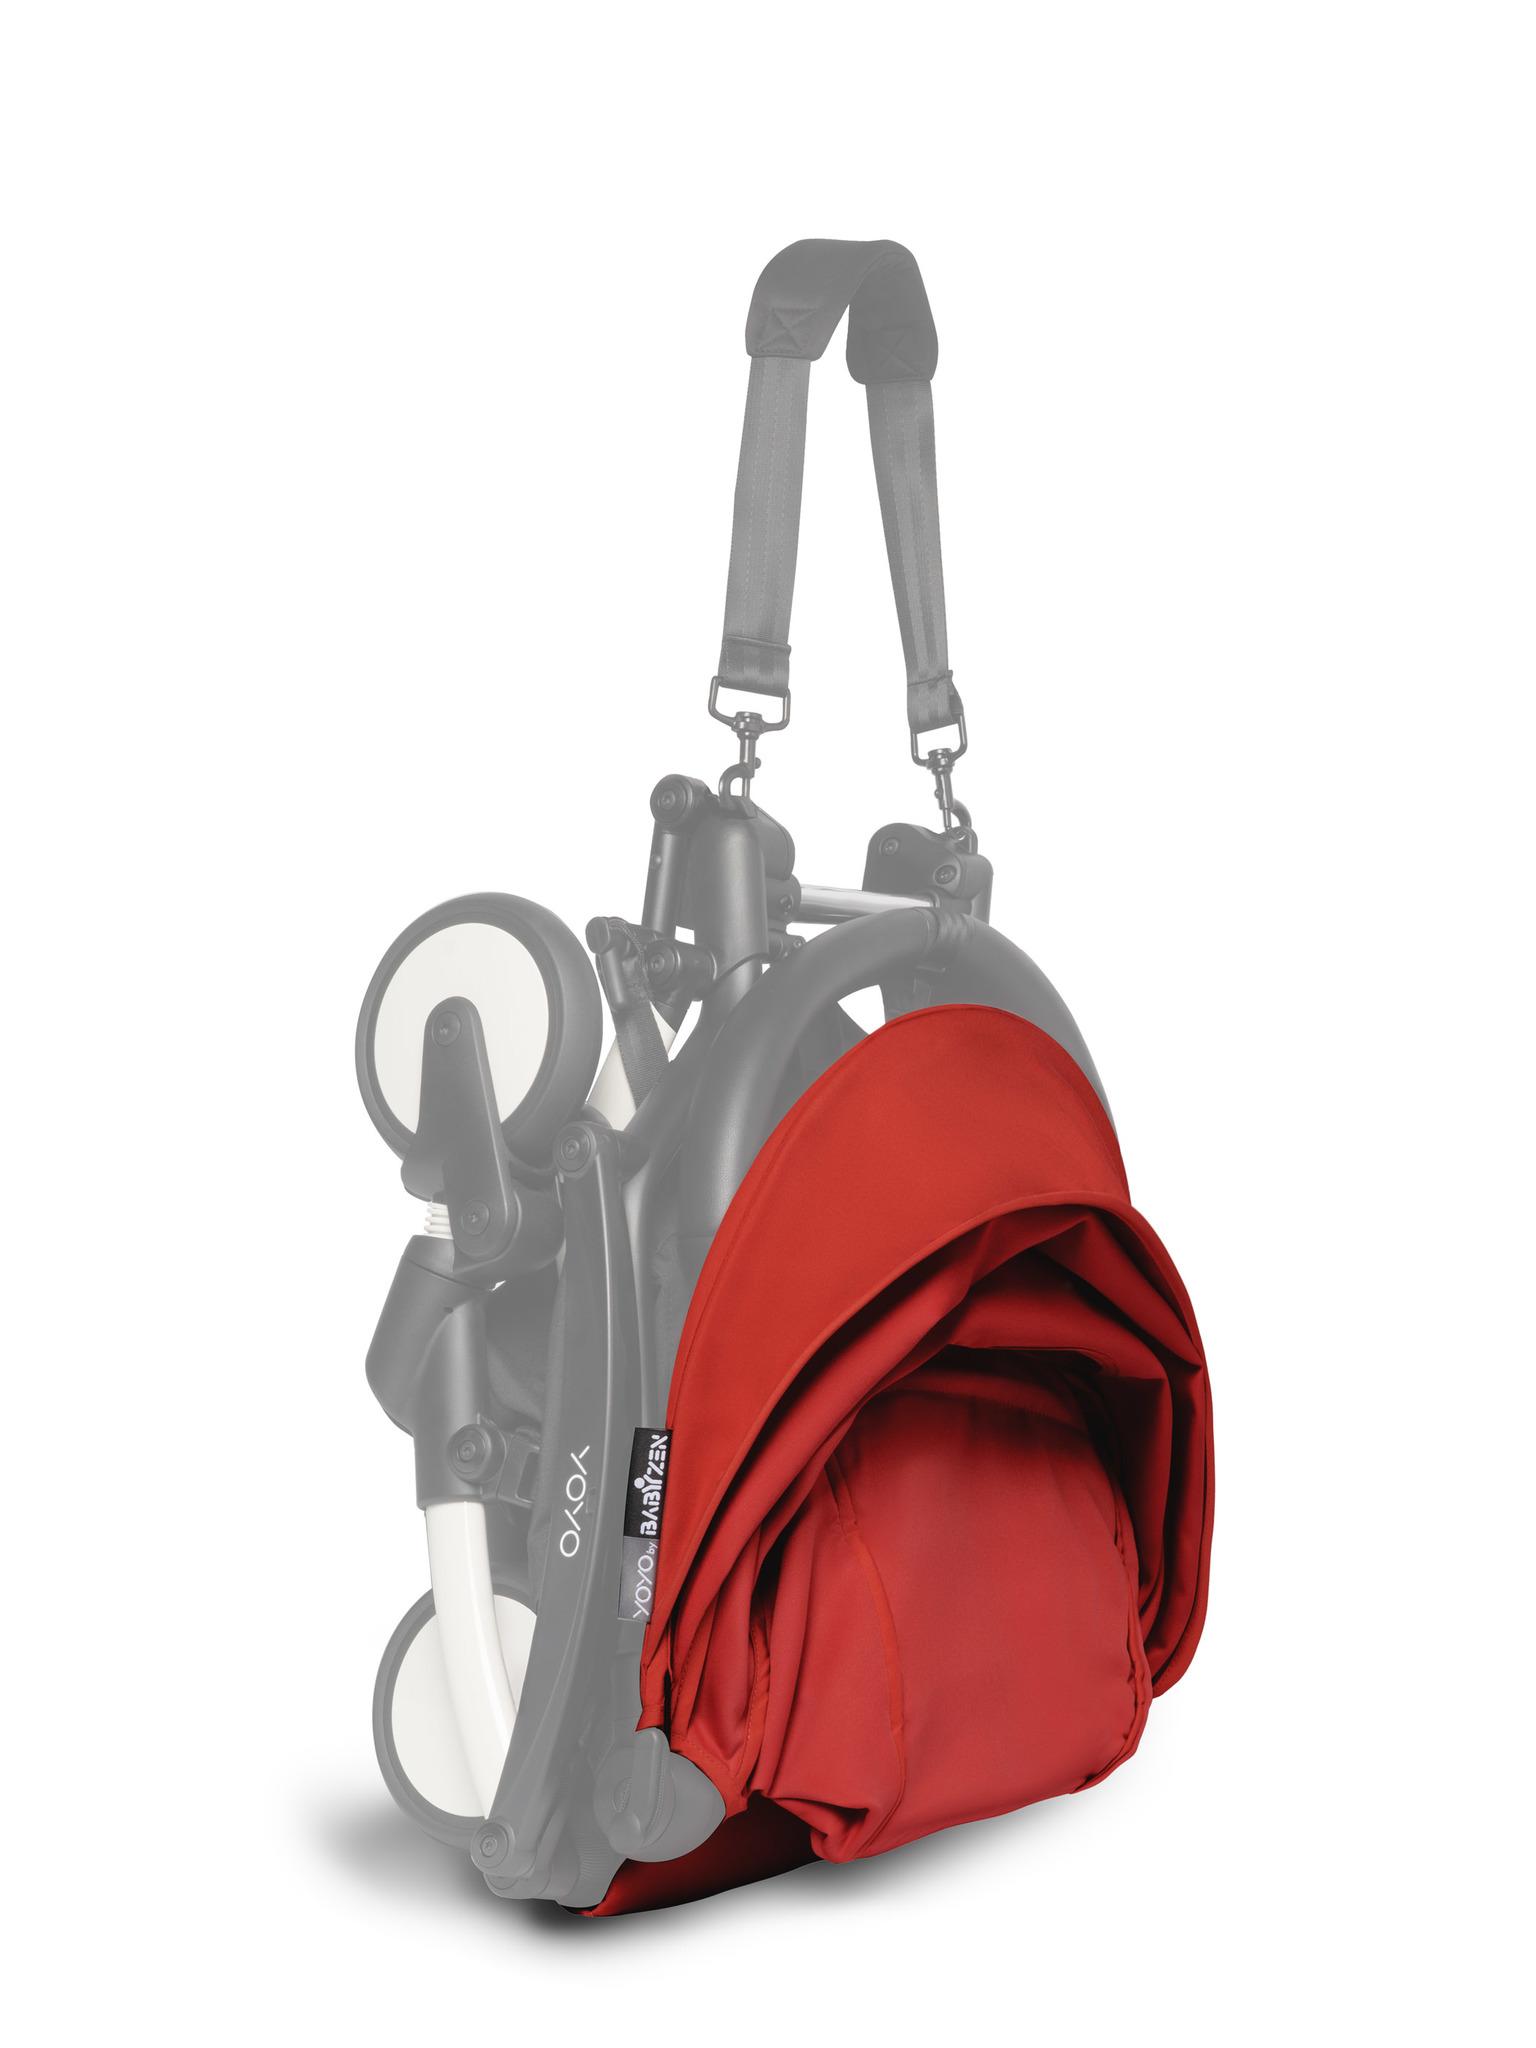 Текстиль сменный для колясок YoYo+ 6+ Red Красный